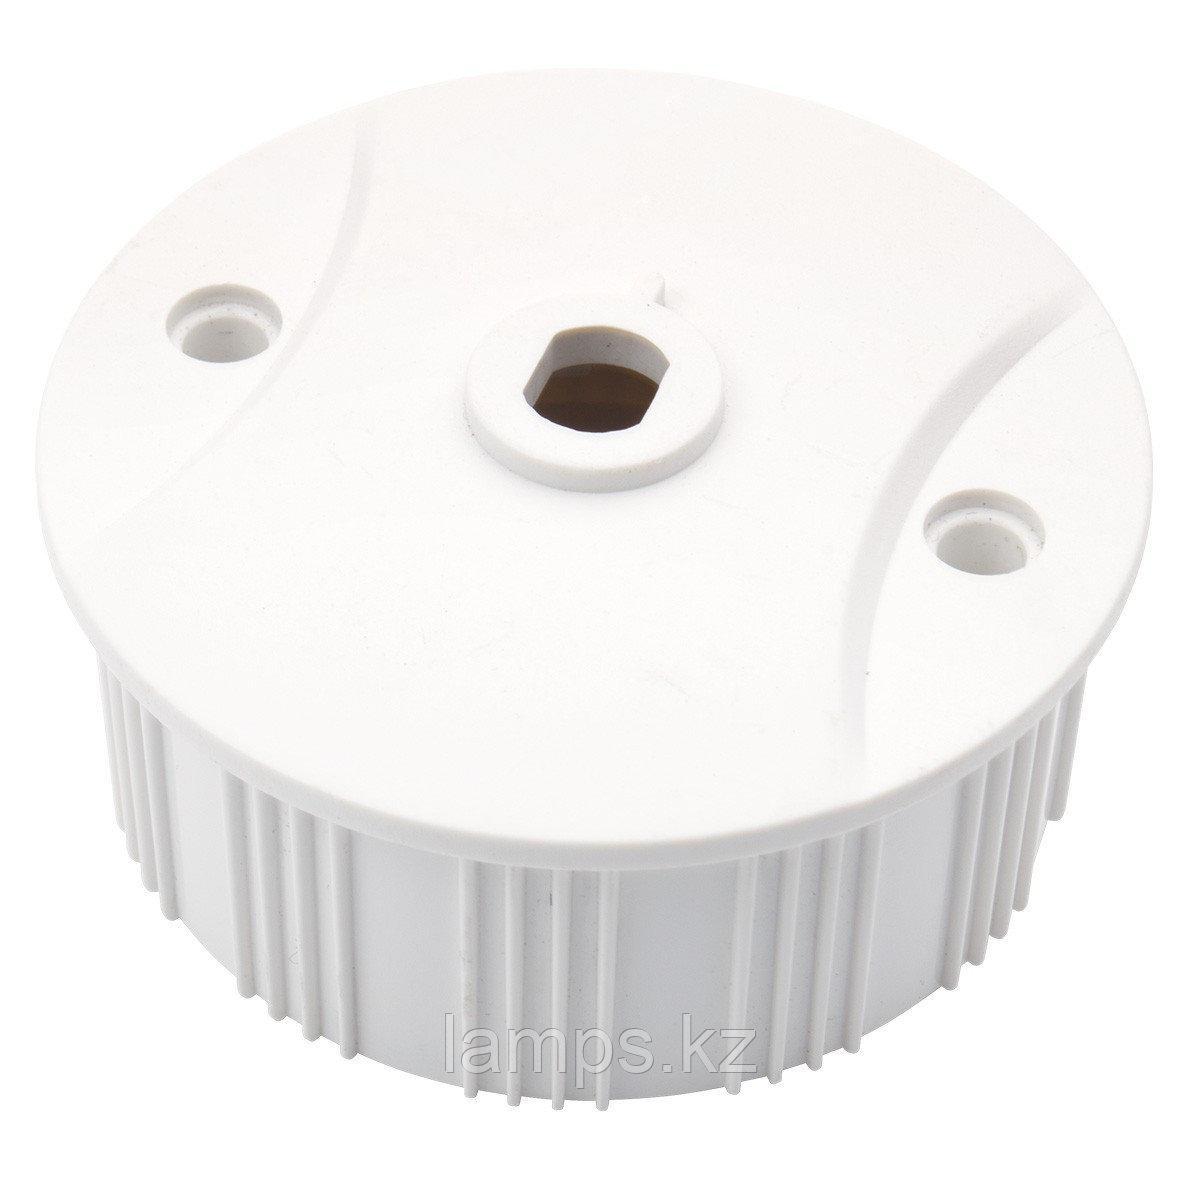 Потолочный адаптер для установки на потолок для трековых светильников